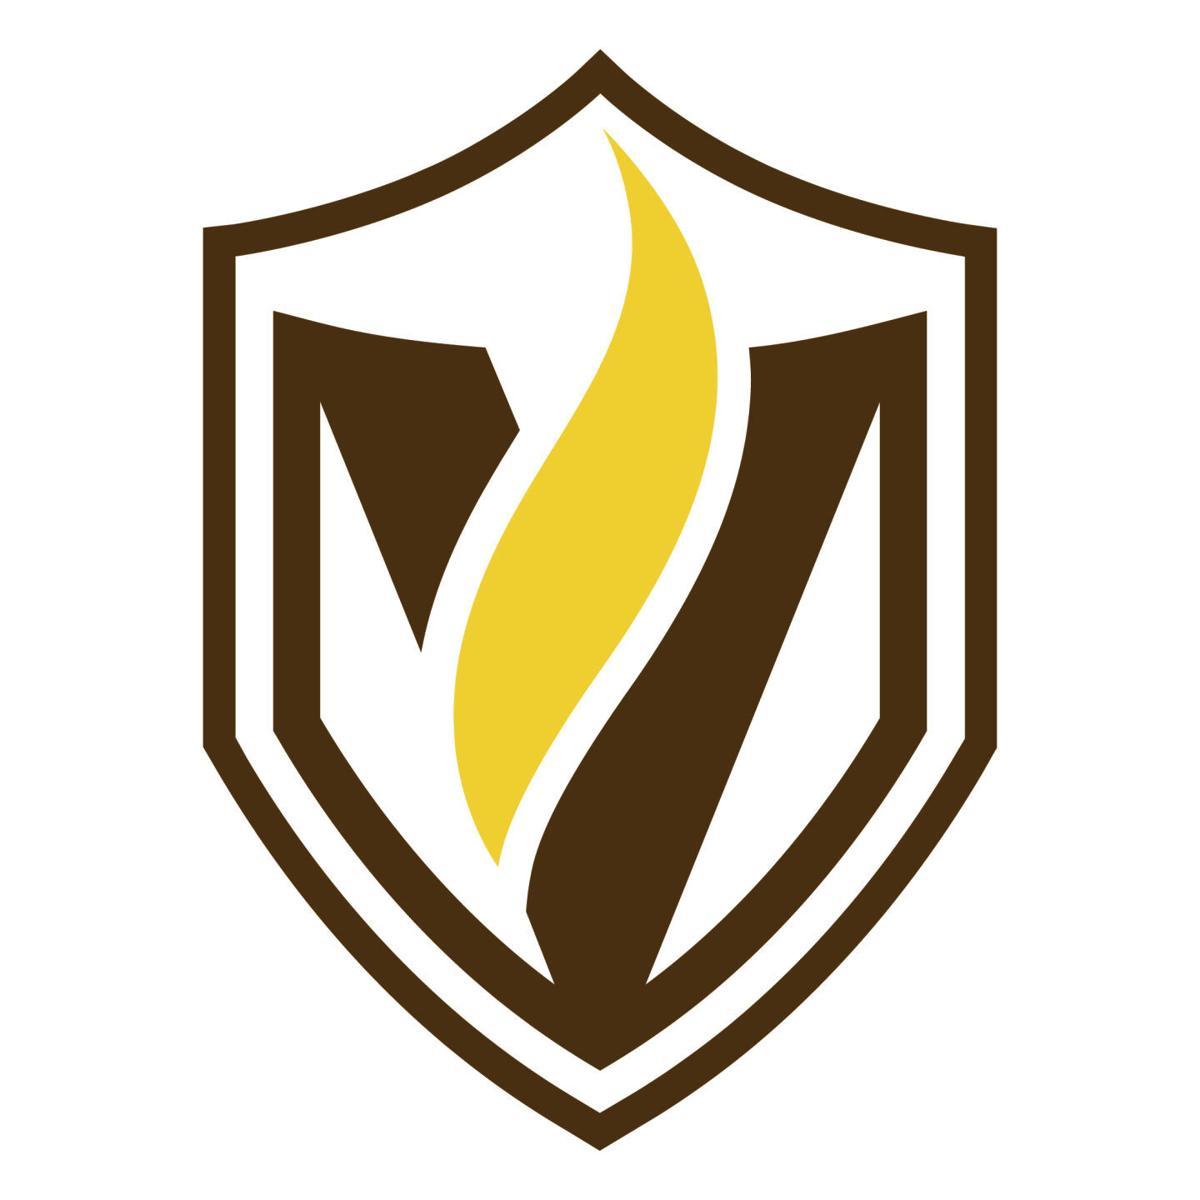 Valparaiso Shield